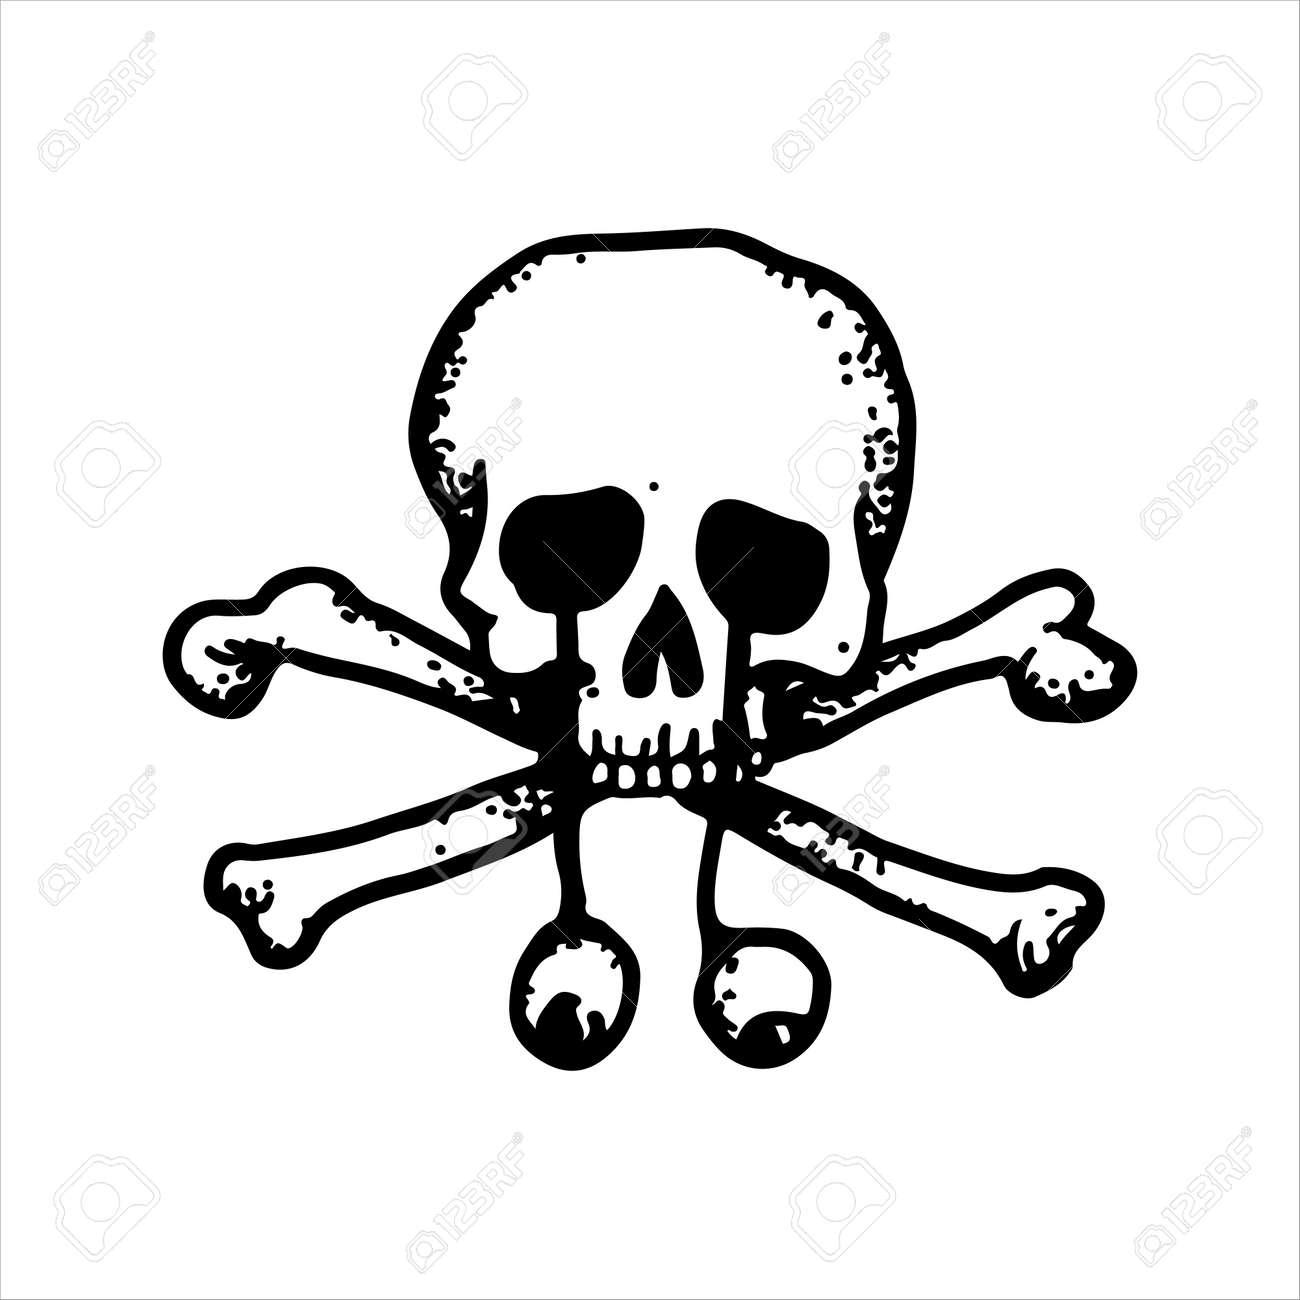 Crâne et os croisés autocollants